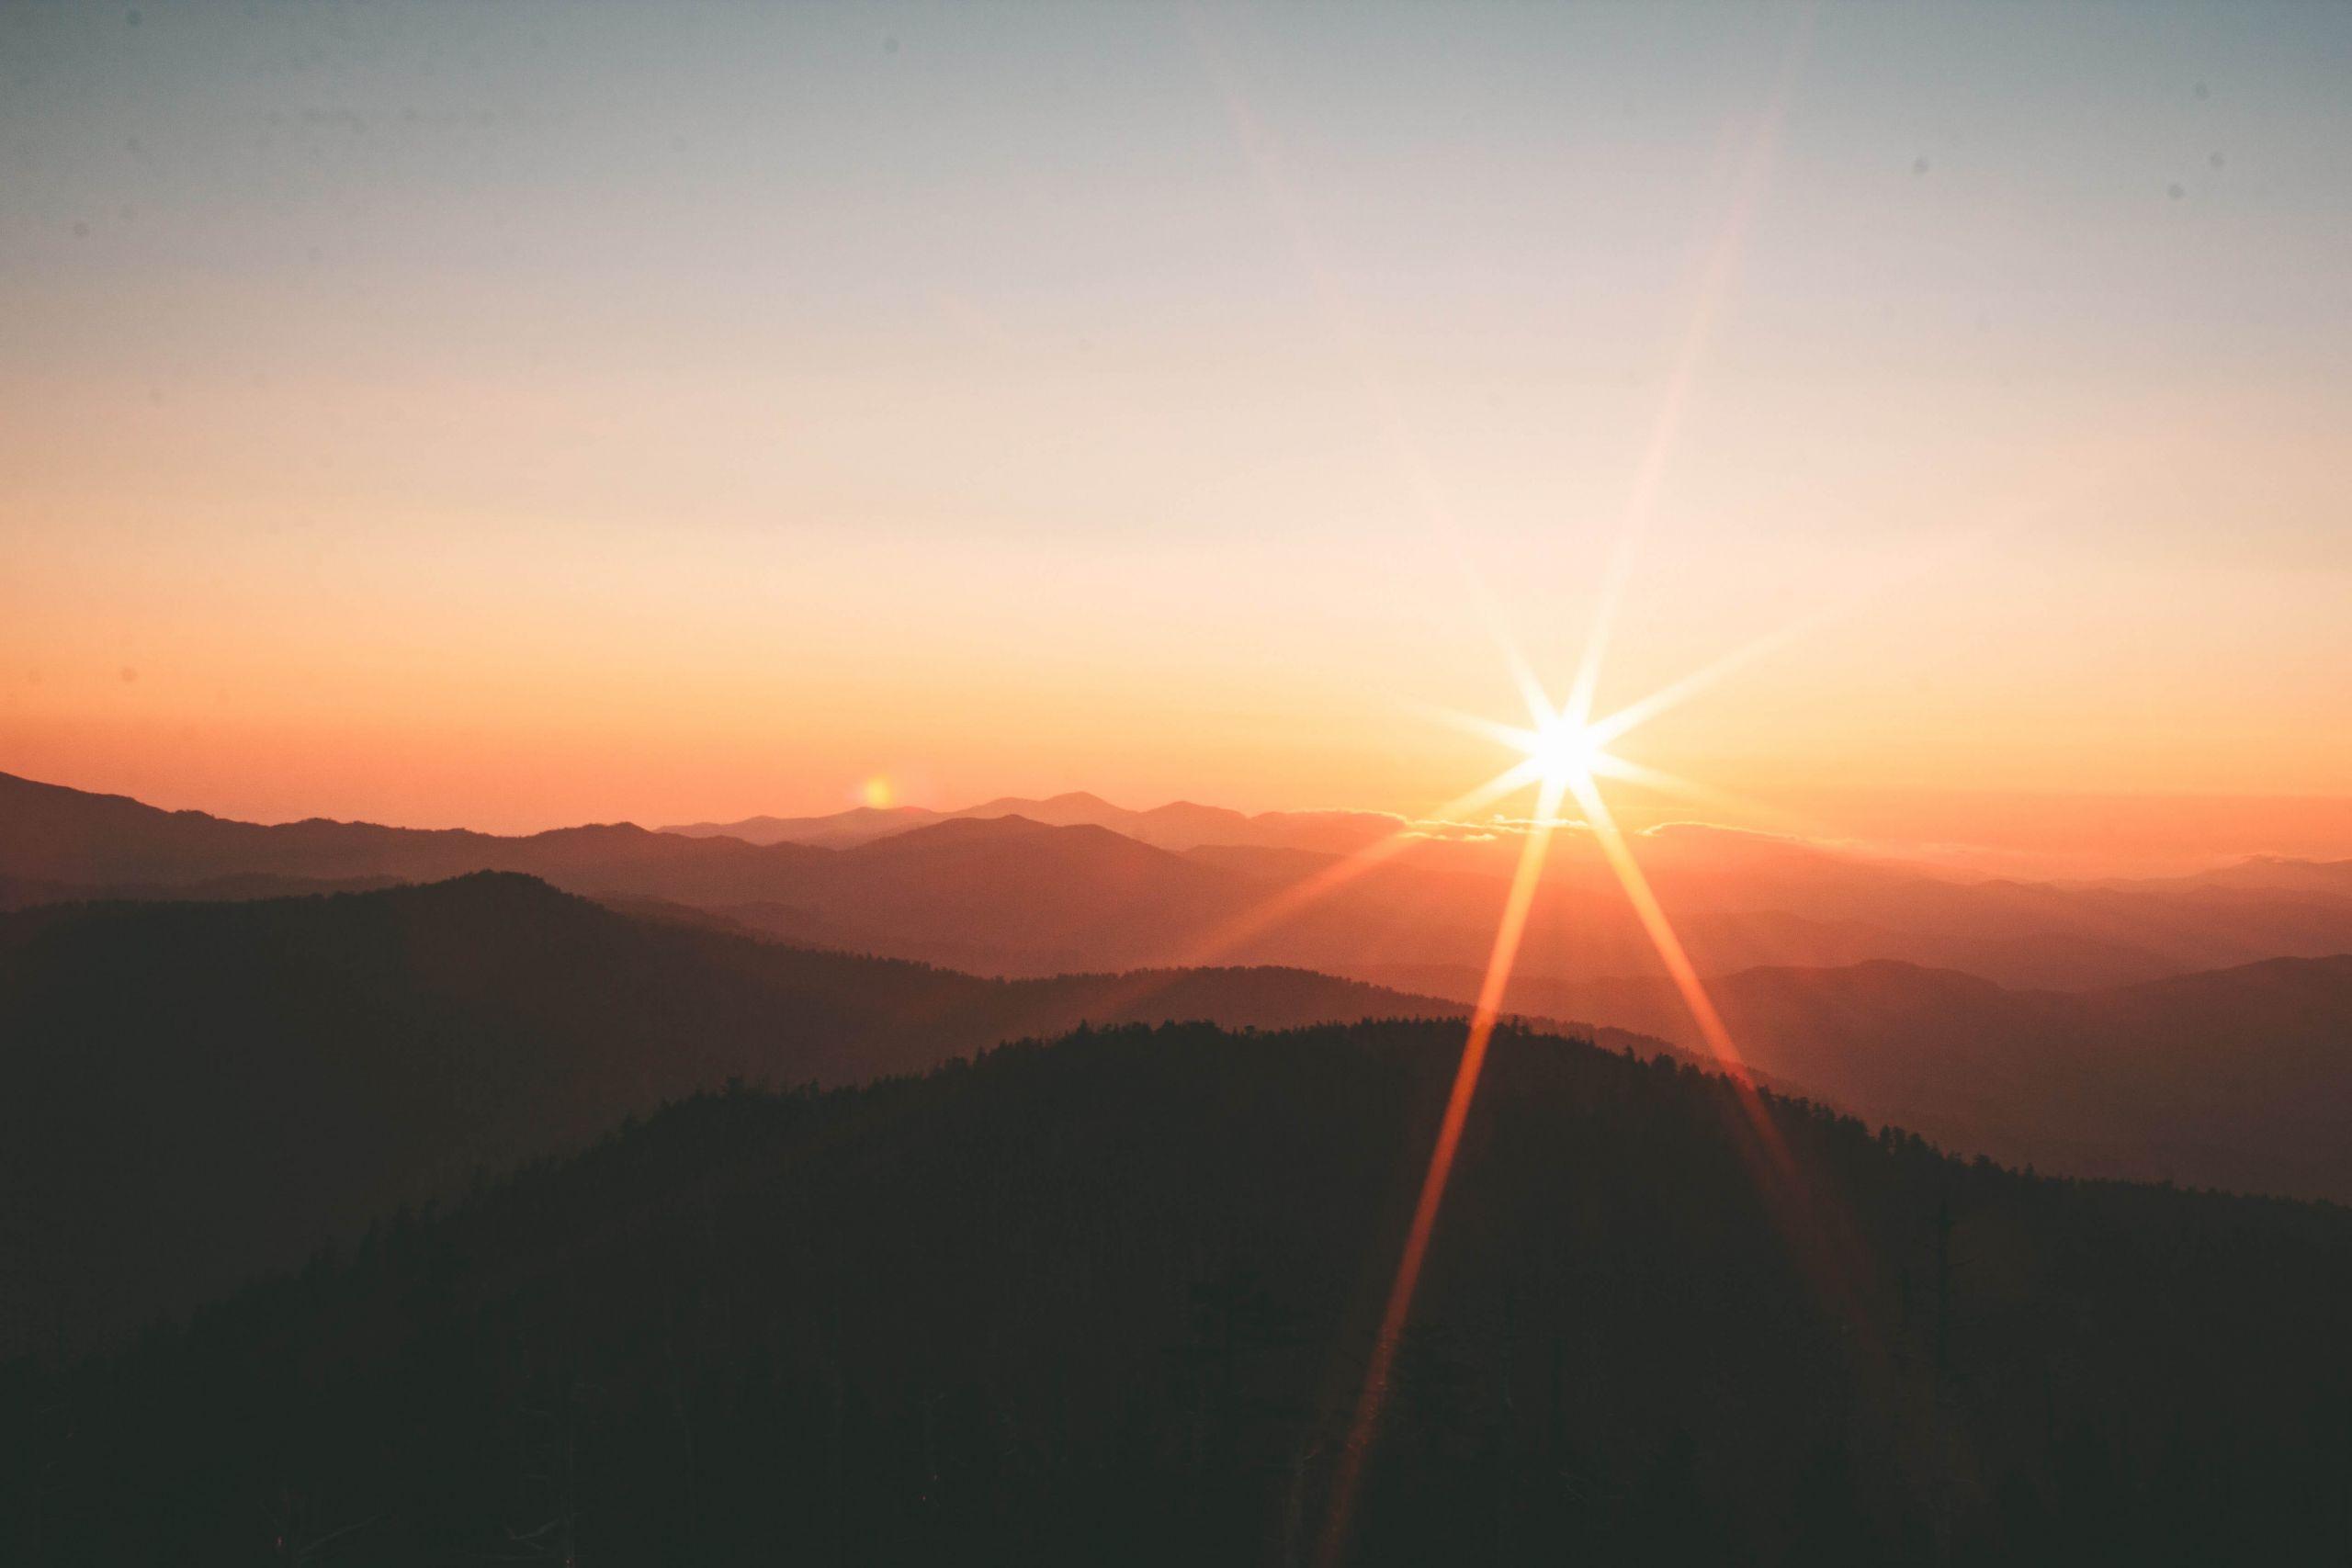 sun rising over mountain tops